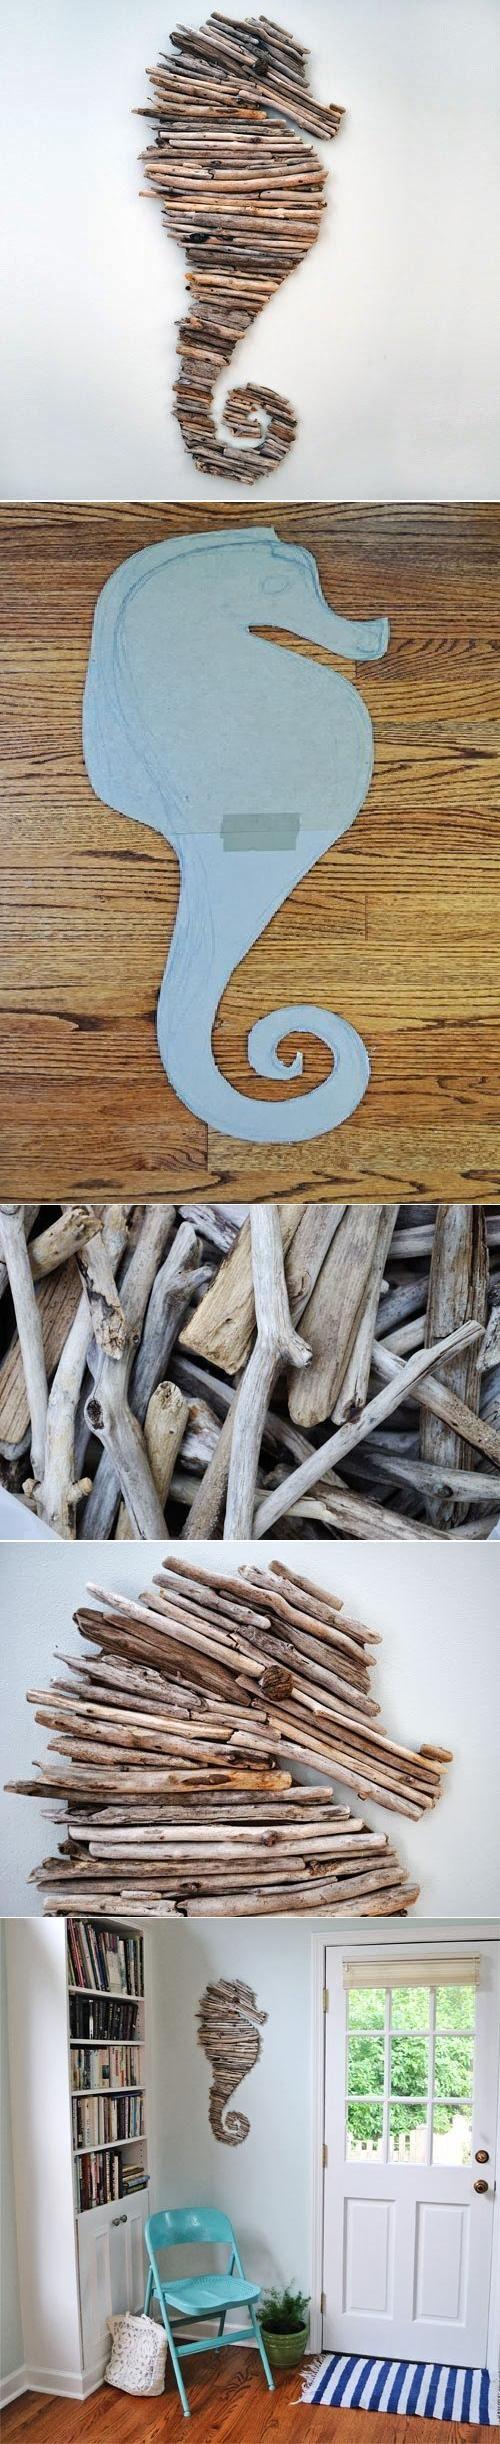 DIY Tree Branch Seahorse